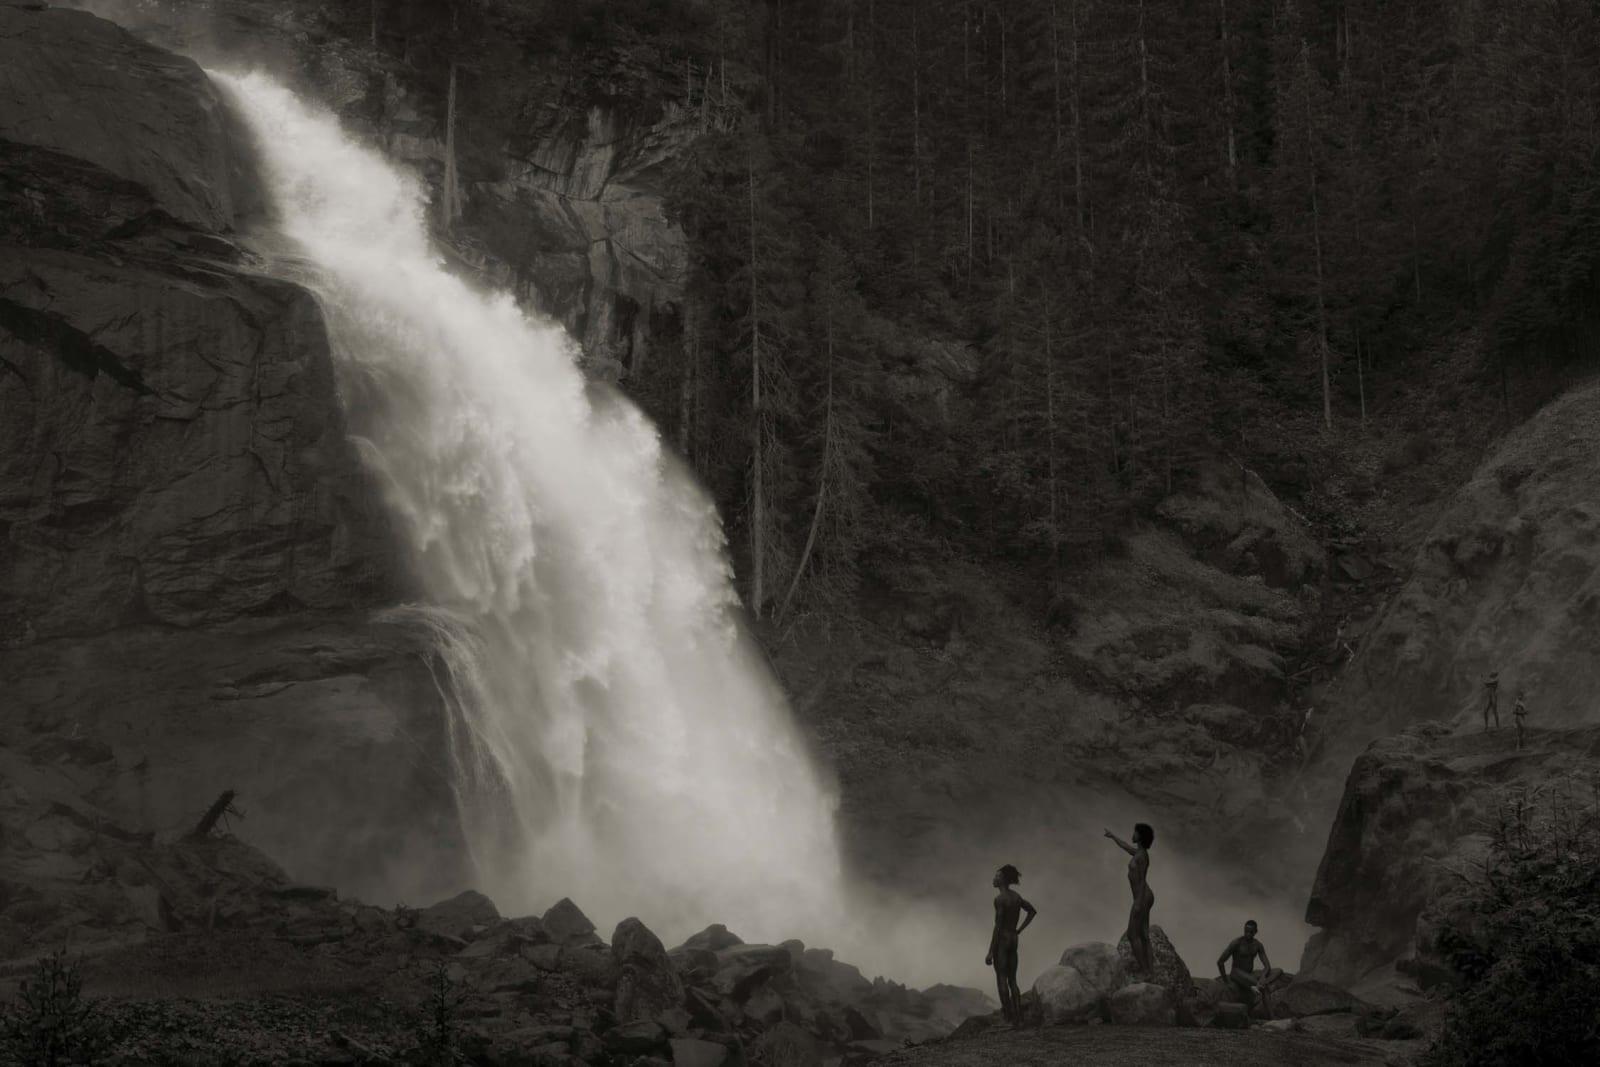 Erwin Olaf, Am Wasserfall, 2020